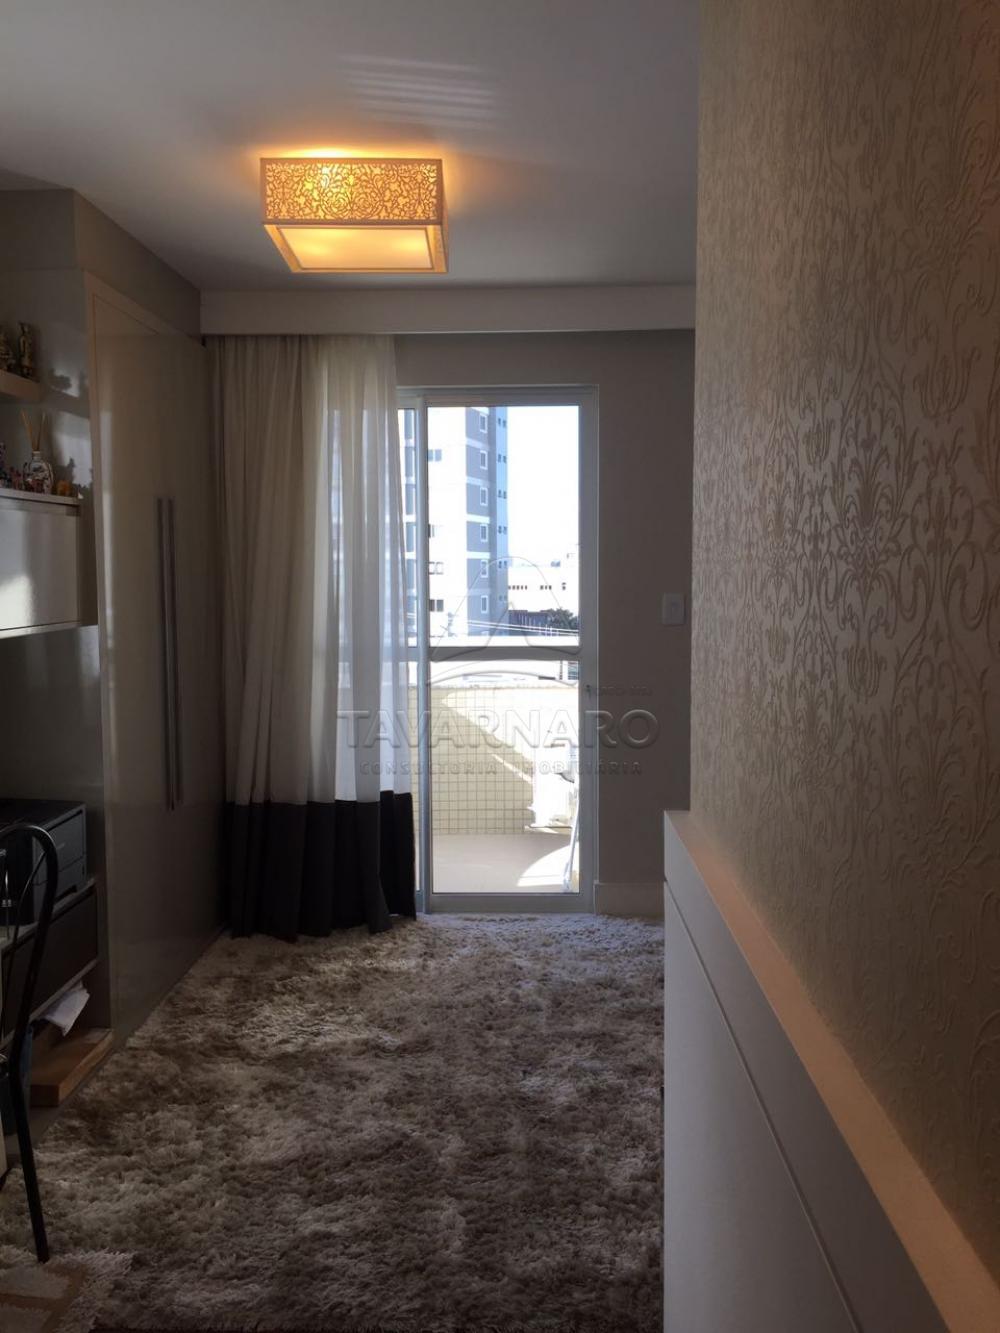 Comprar Apartamento / Padrão em Ponta Grossa apenas R$ 795.000,00 - Foto 2